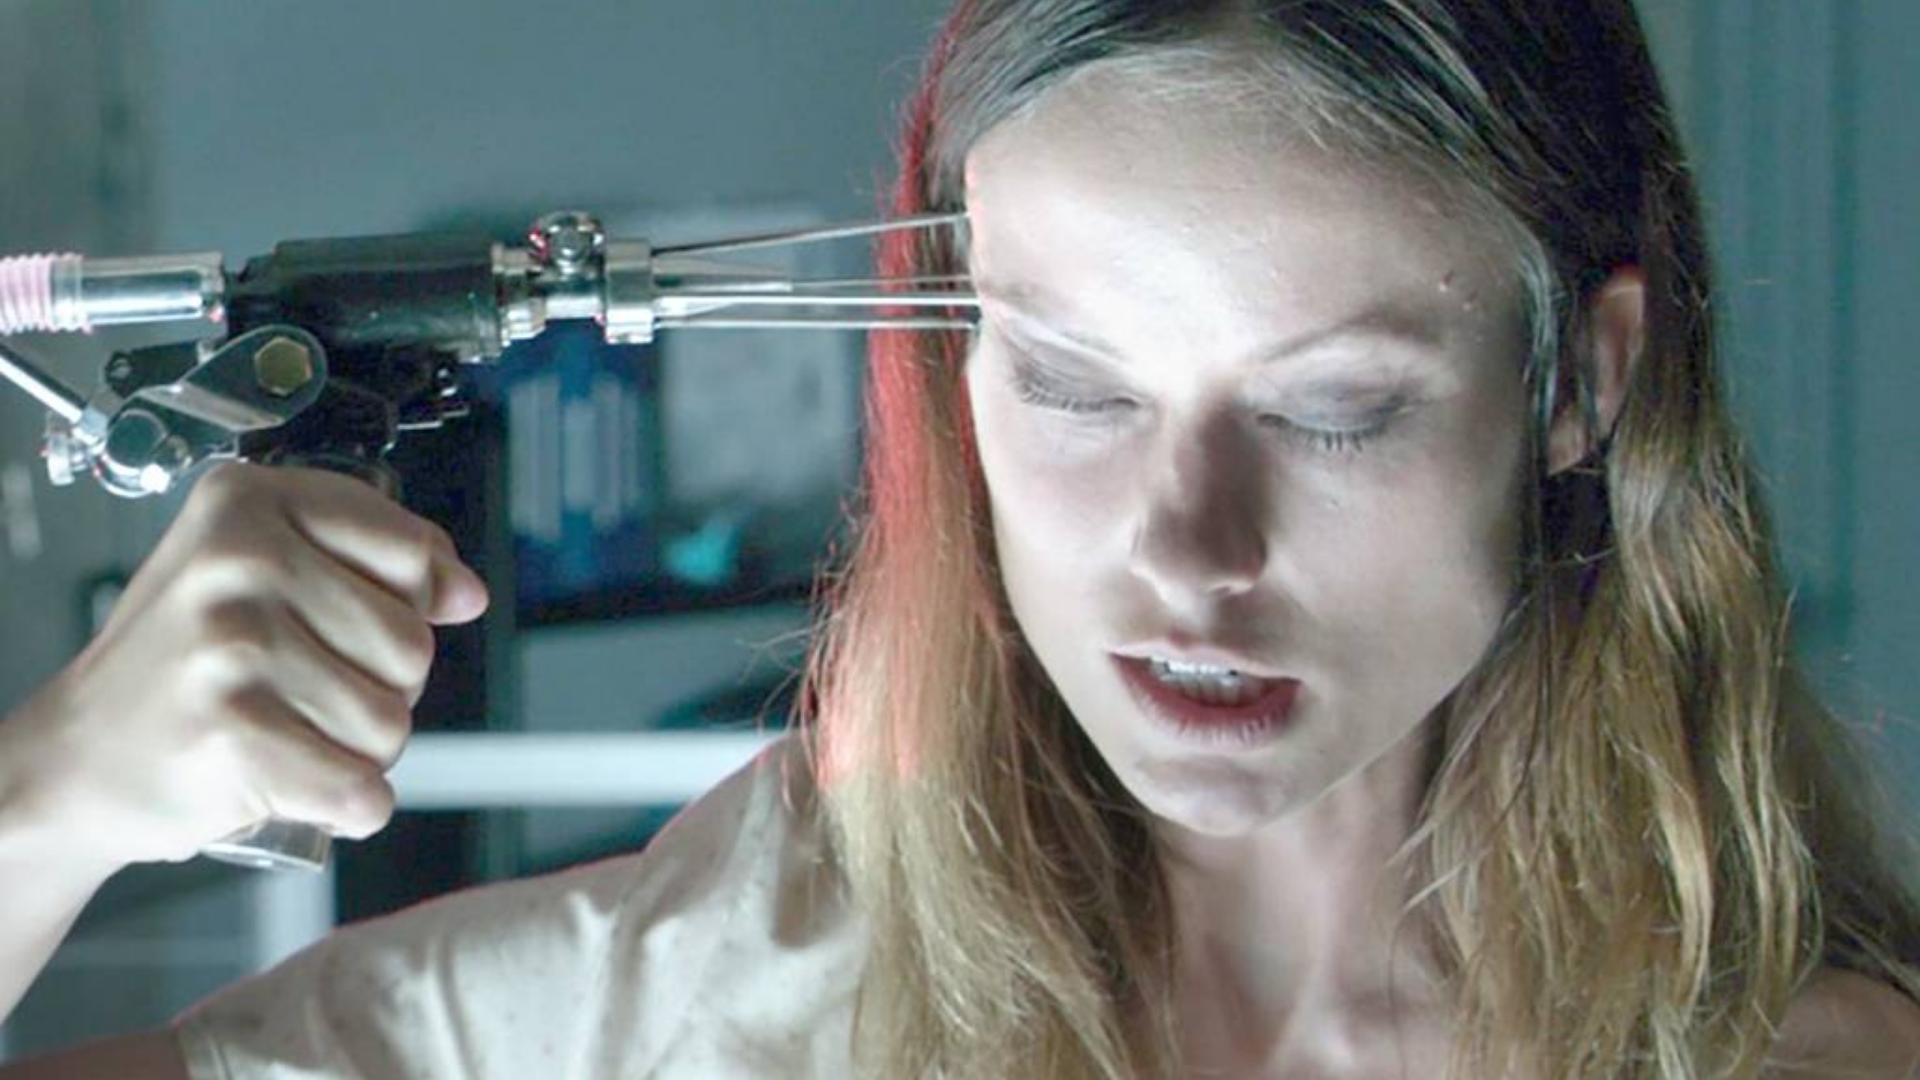 女科学家注入复生血清,大脑使用率飙升至100%,变成了恐怖的恶魔!速看科幻恐怖电影《起死回生》.mp